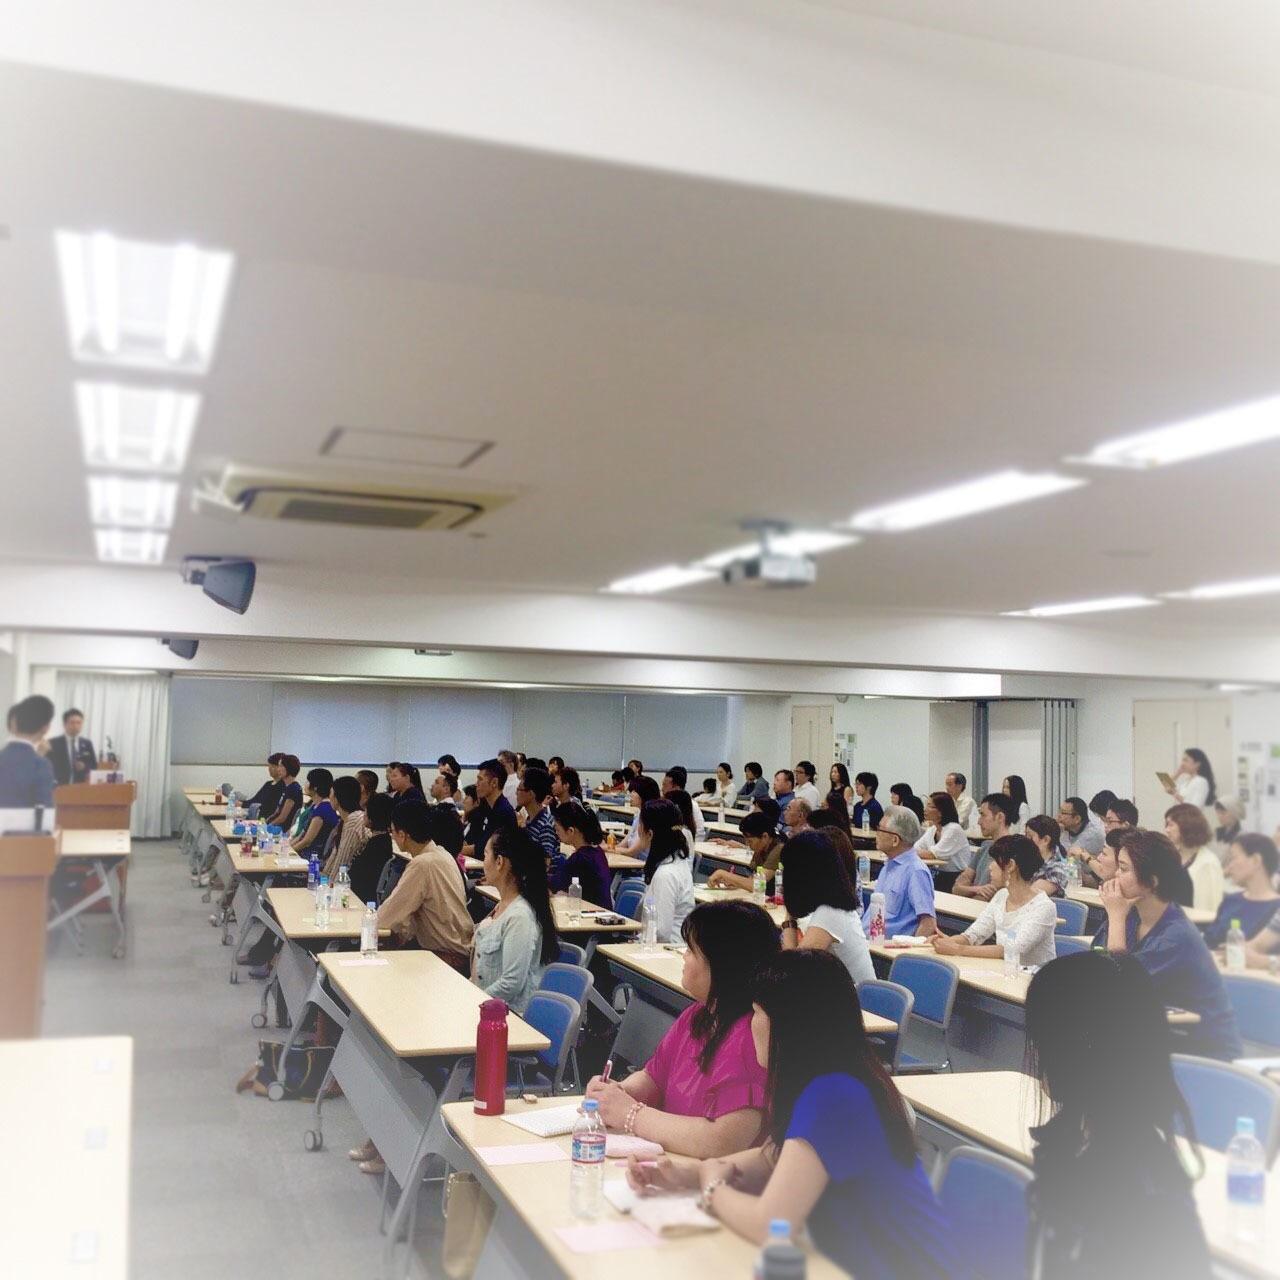 100人セッション9月18日前里光秀研究所 (4)